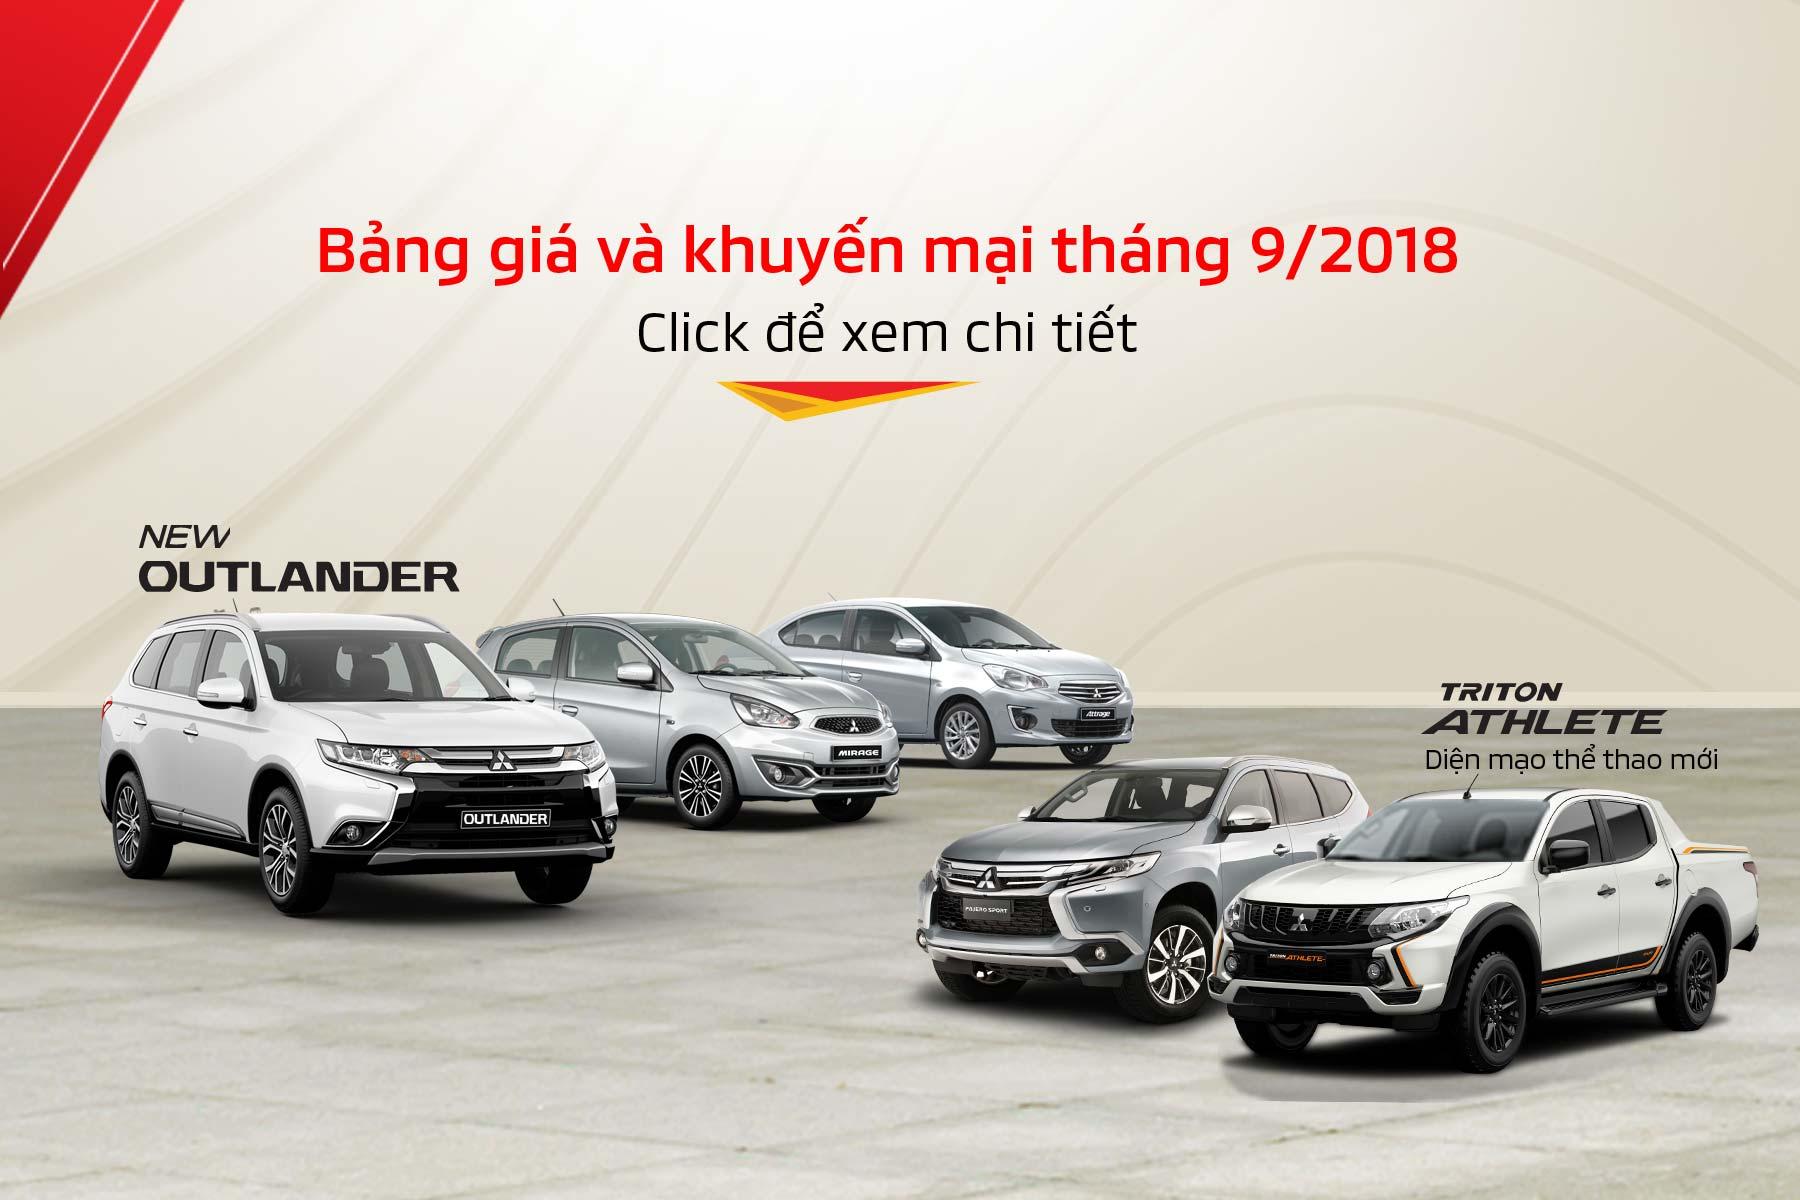 Bảng giá xe Mitsubishi tháng 09/2018